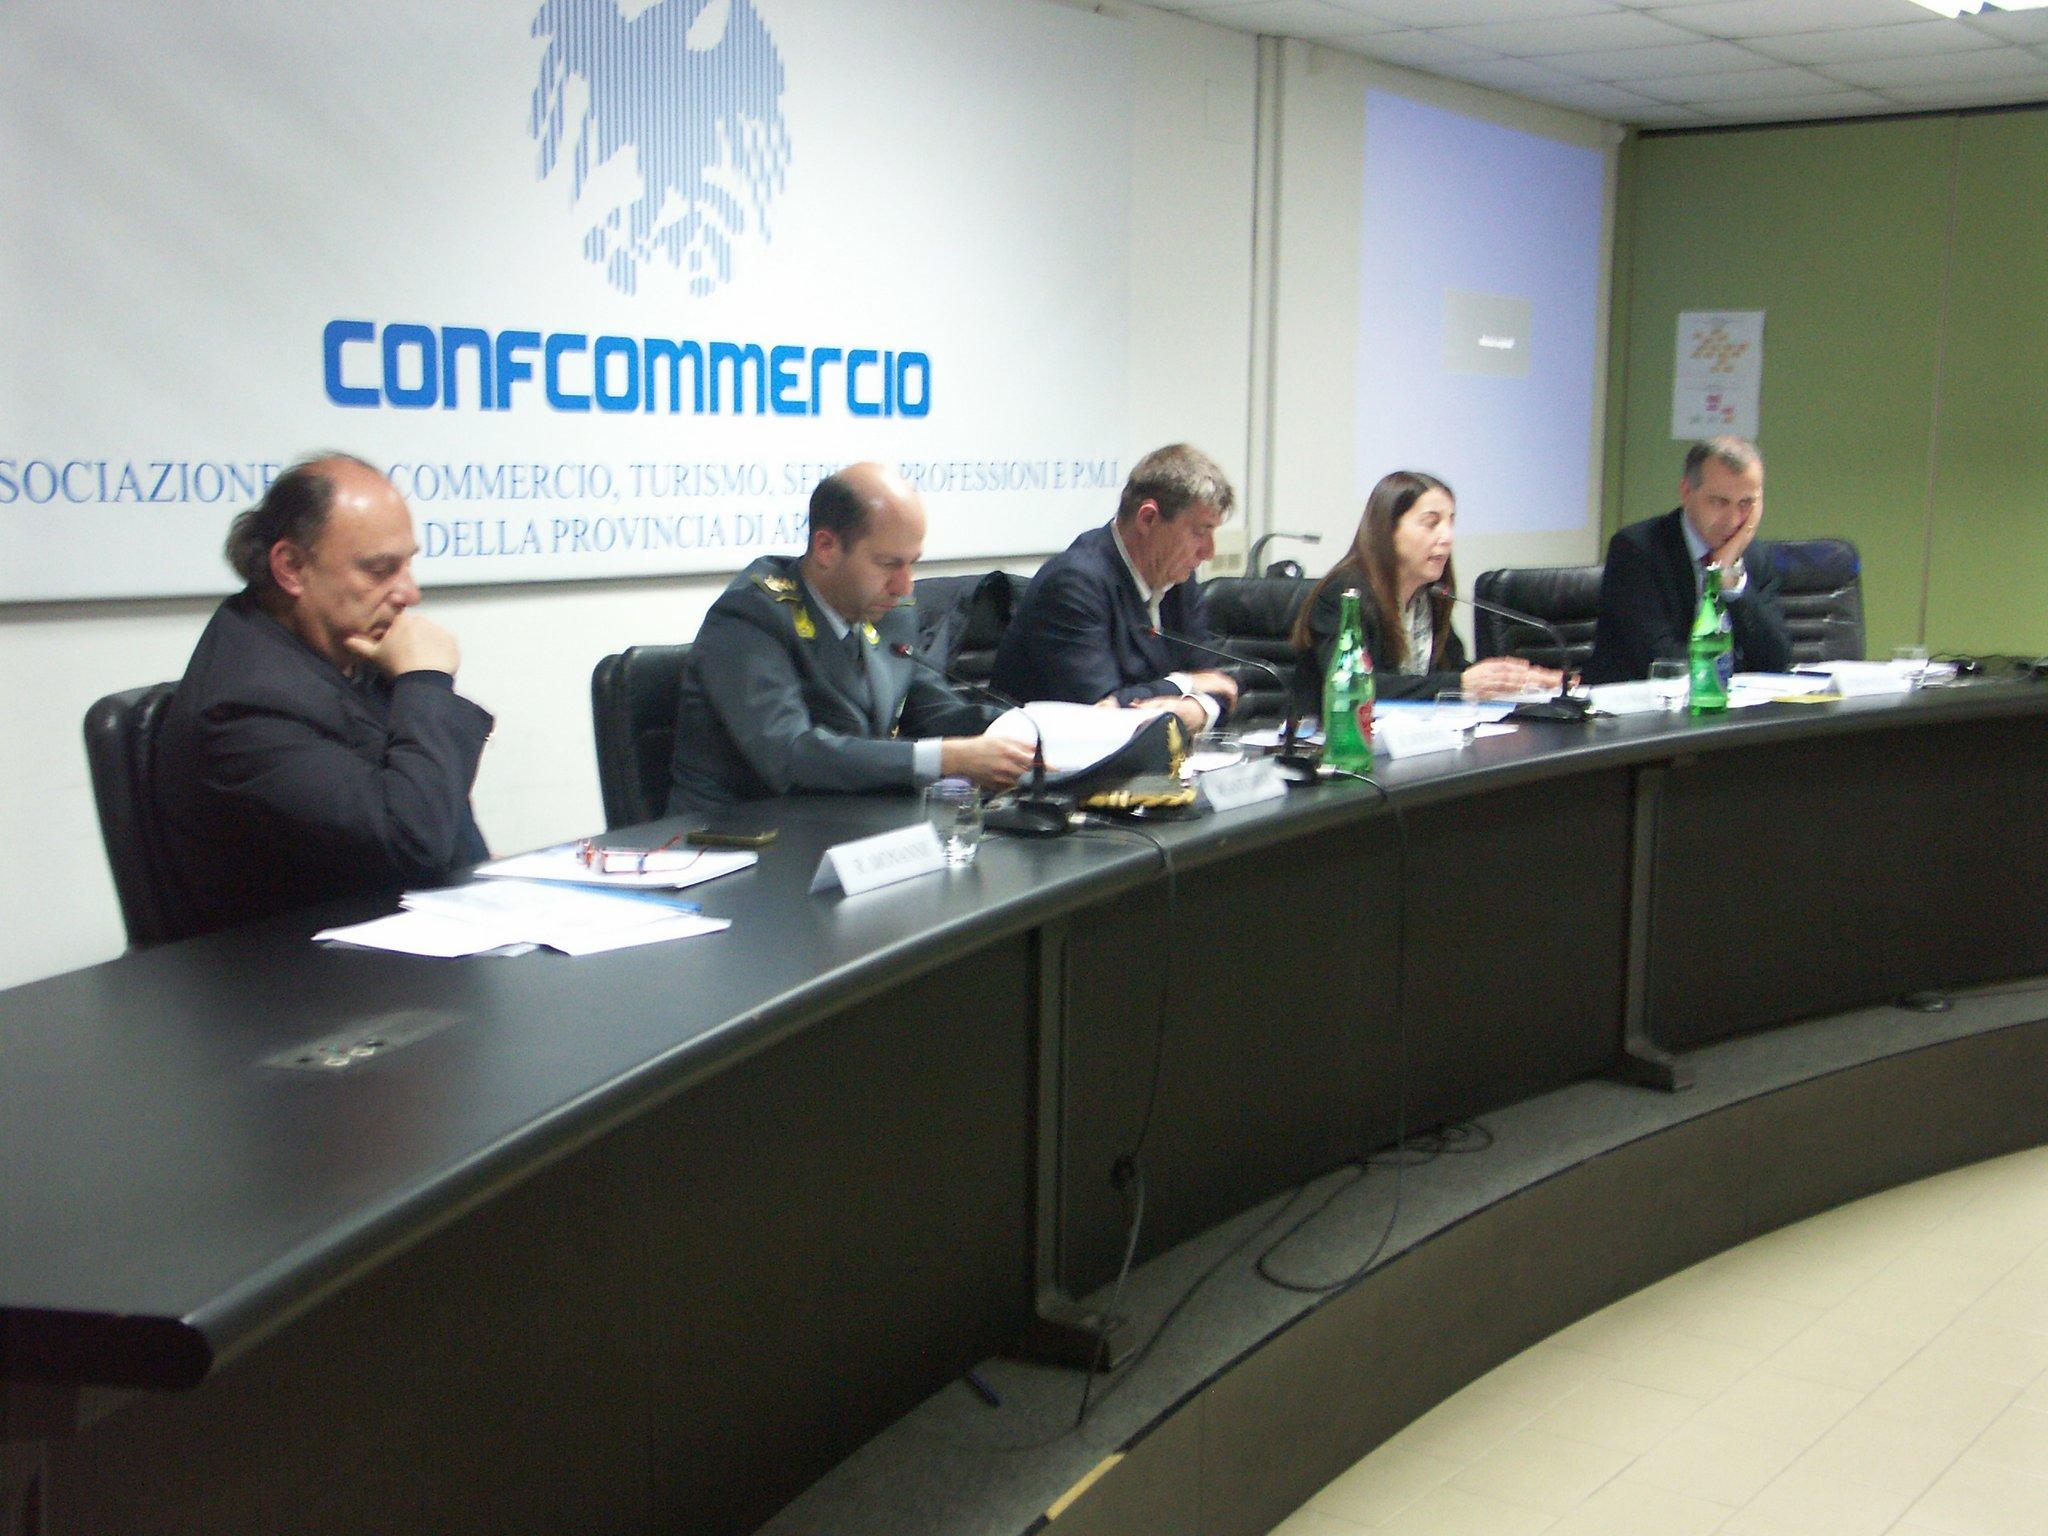 Ufficio Lavoro Arezzo : Offerte e annunci di lavoro ad arezzo kijiji